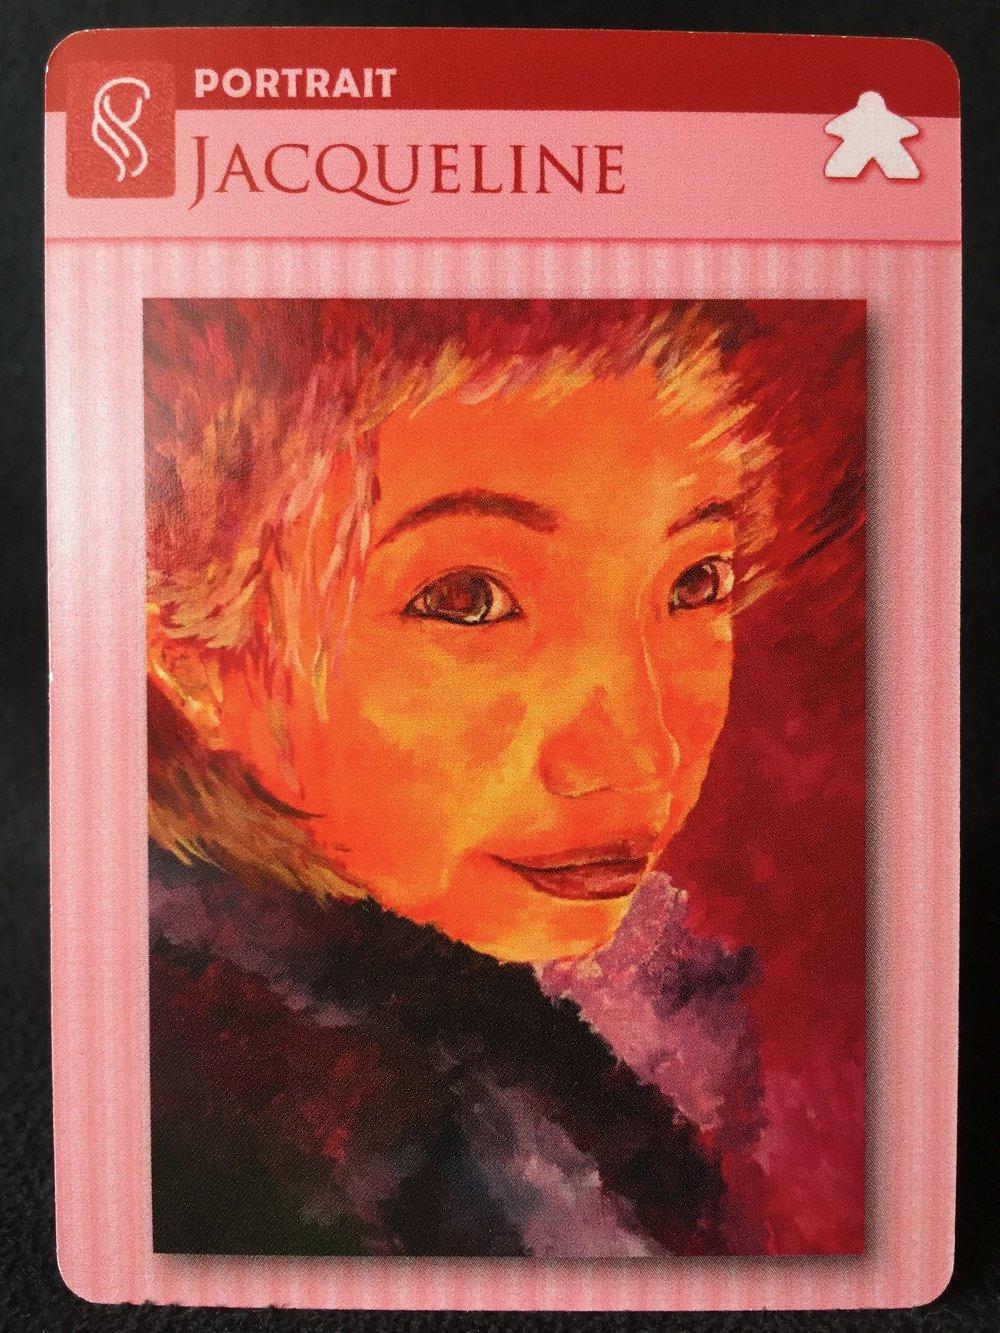 portrait jacqueline.jpeg